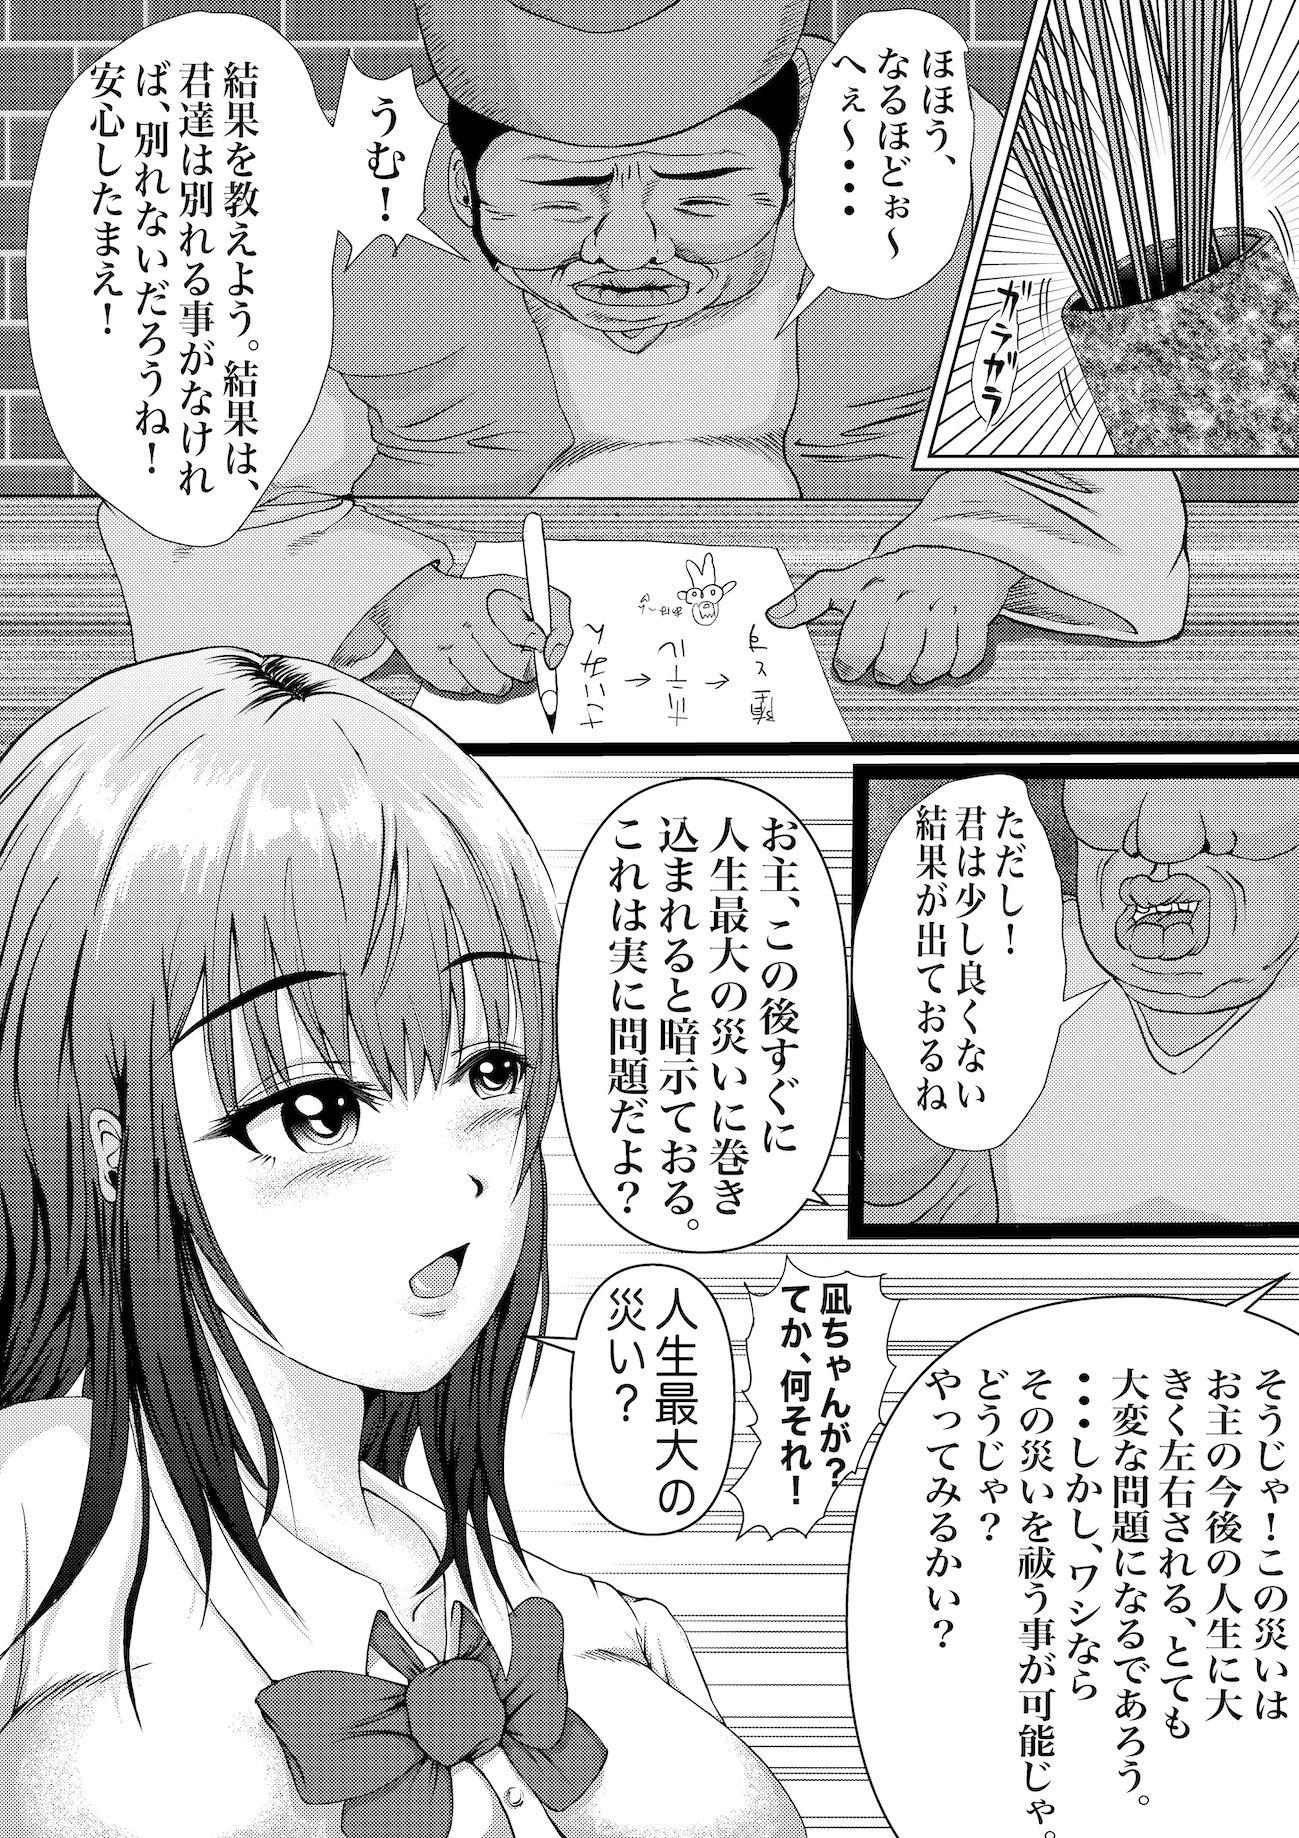 【エロ漫画無料大全集】【NTRエロ漫画】悪名高い催眠術師によってエッチな悪戯をされる彼氏持ちの女の子…